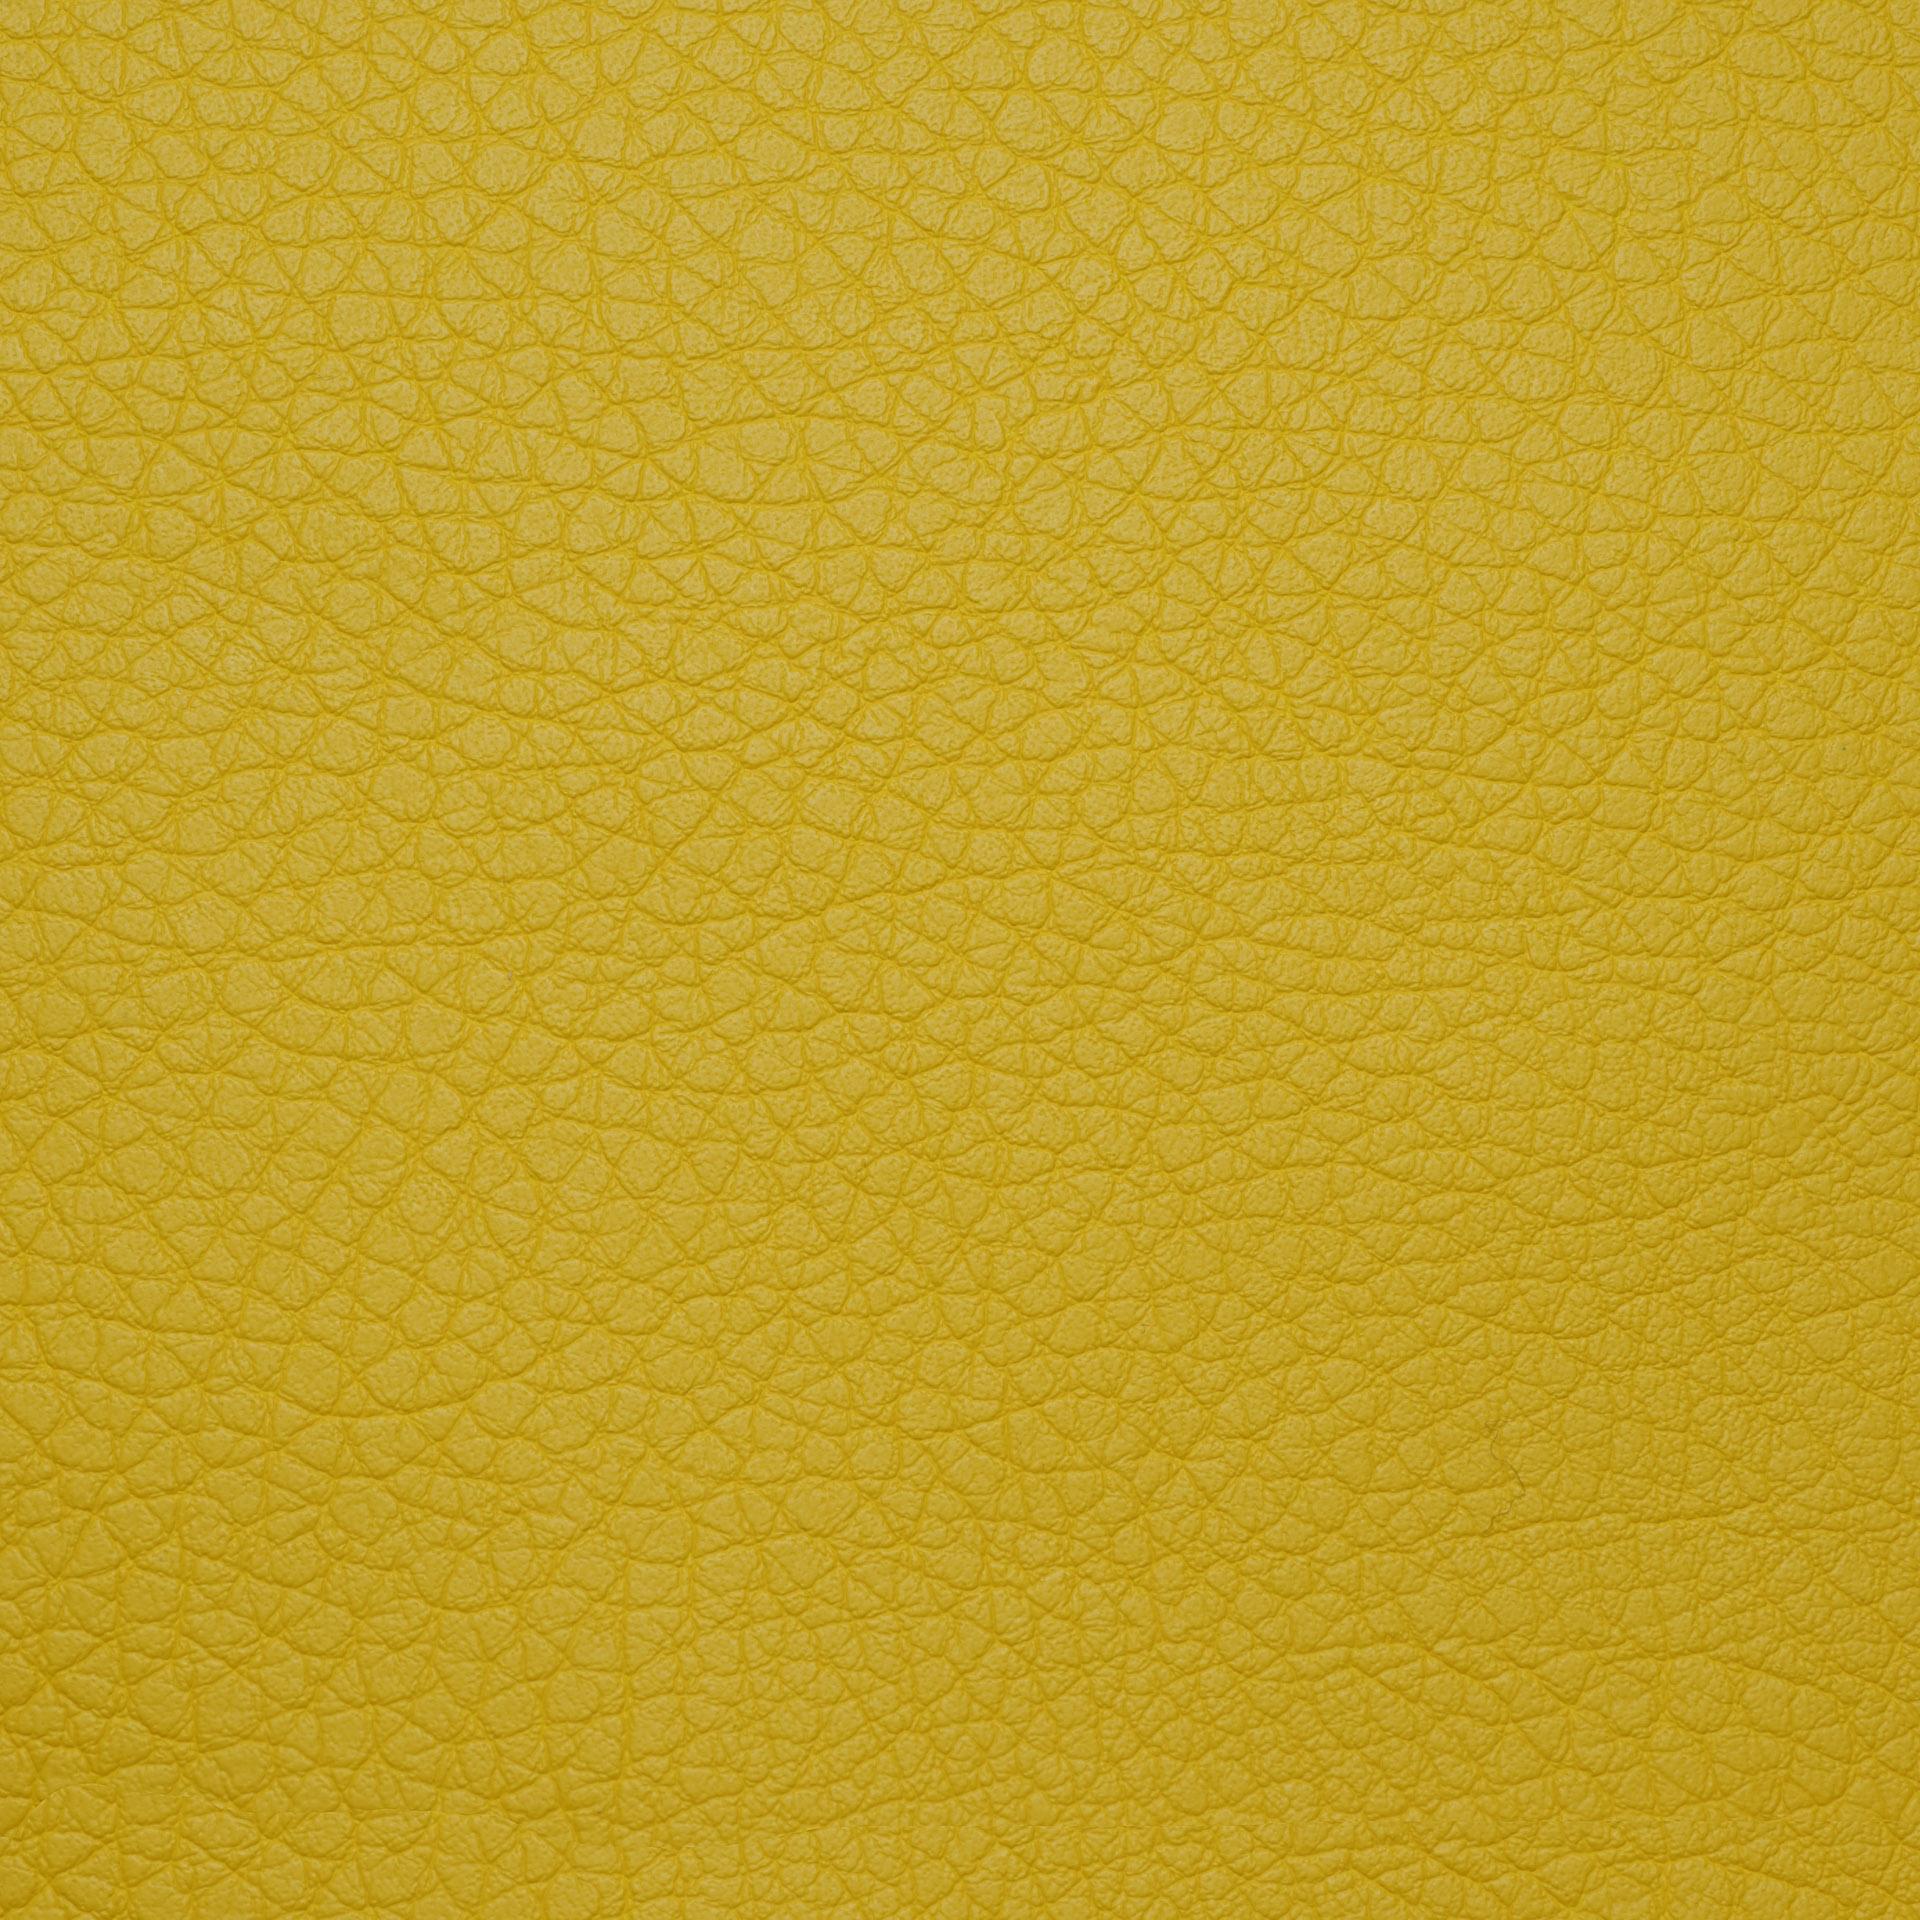 Коллекция ткани Софитель 08 Lemon Fresh,  купить ткань Кож зам для мебели Украина